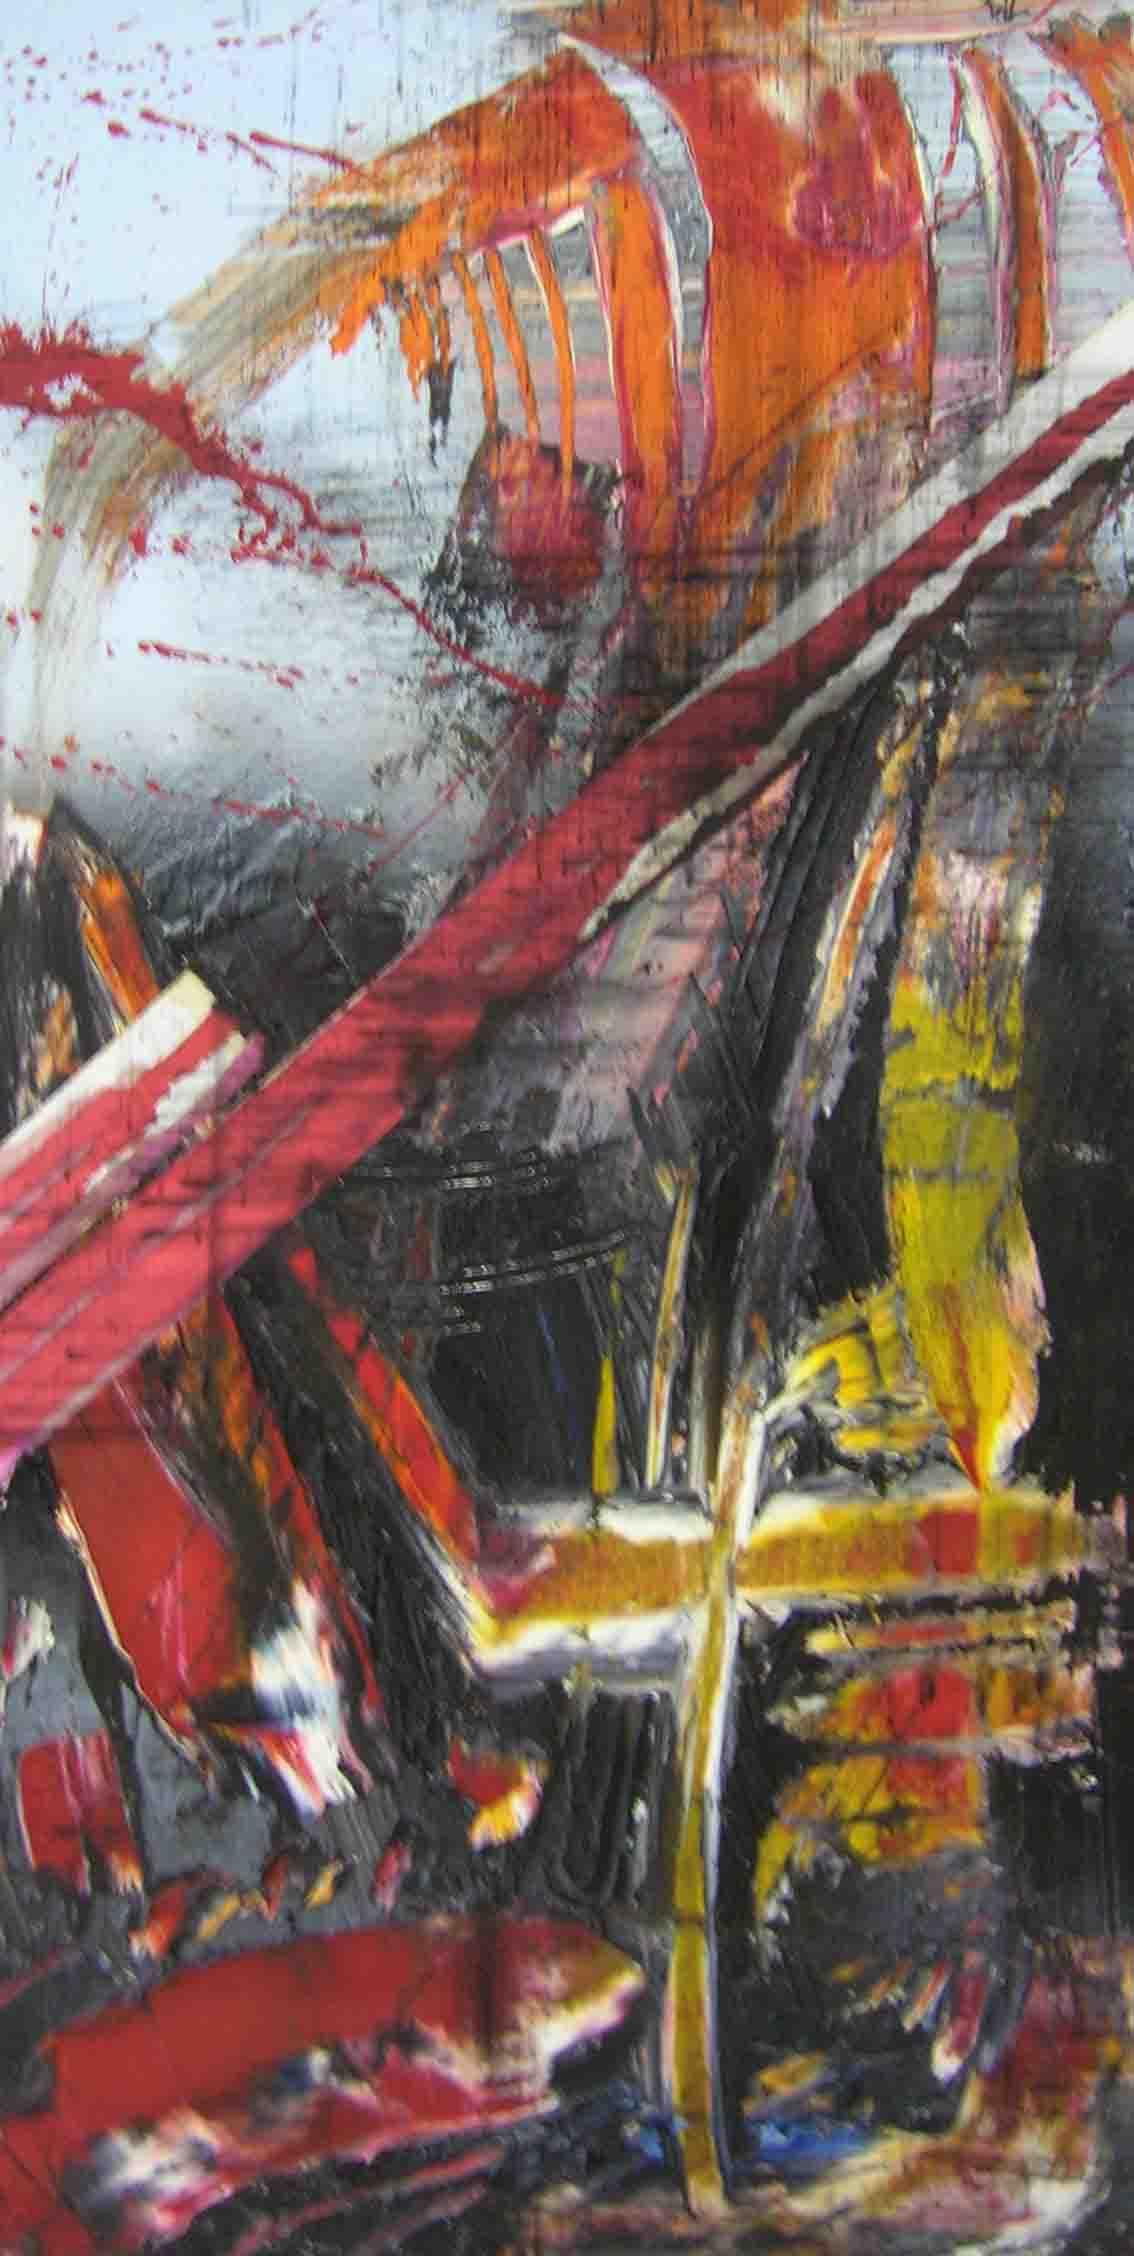 tableau abstrait par dessus la rembarde en rouge et jaune